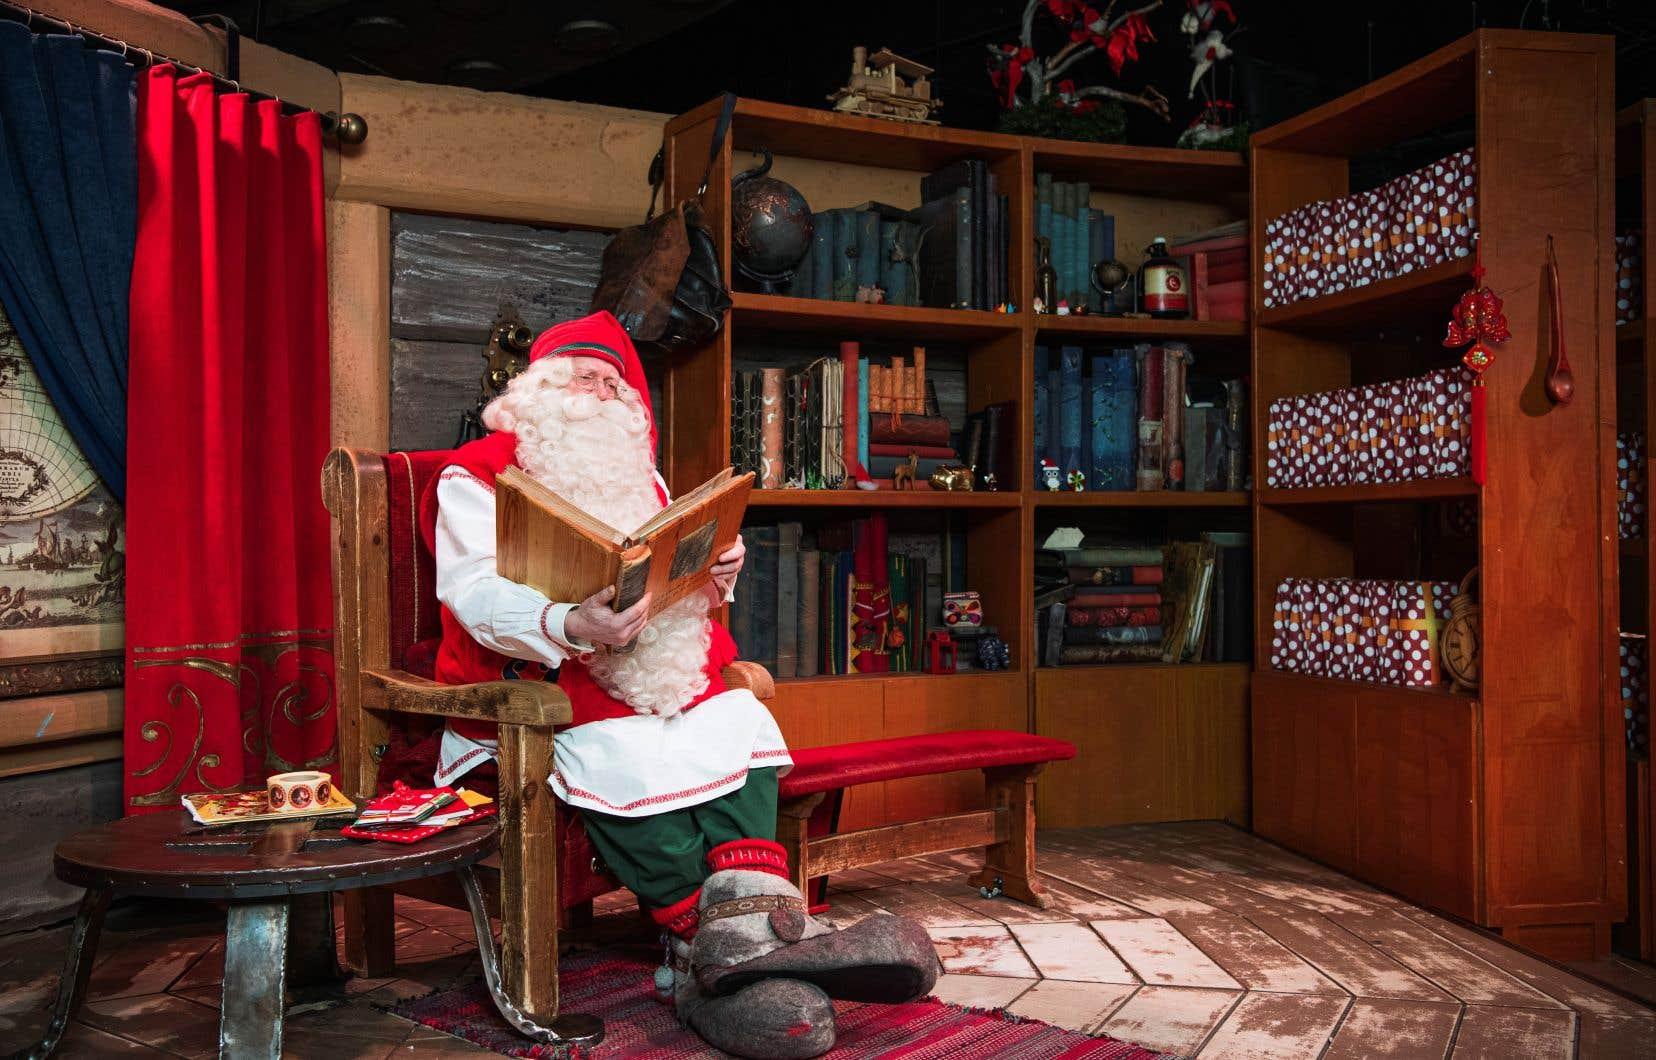 Au coeur du village, de jolis chalets en bois abritent l'antre du père Noël.